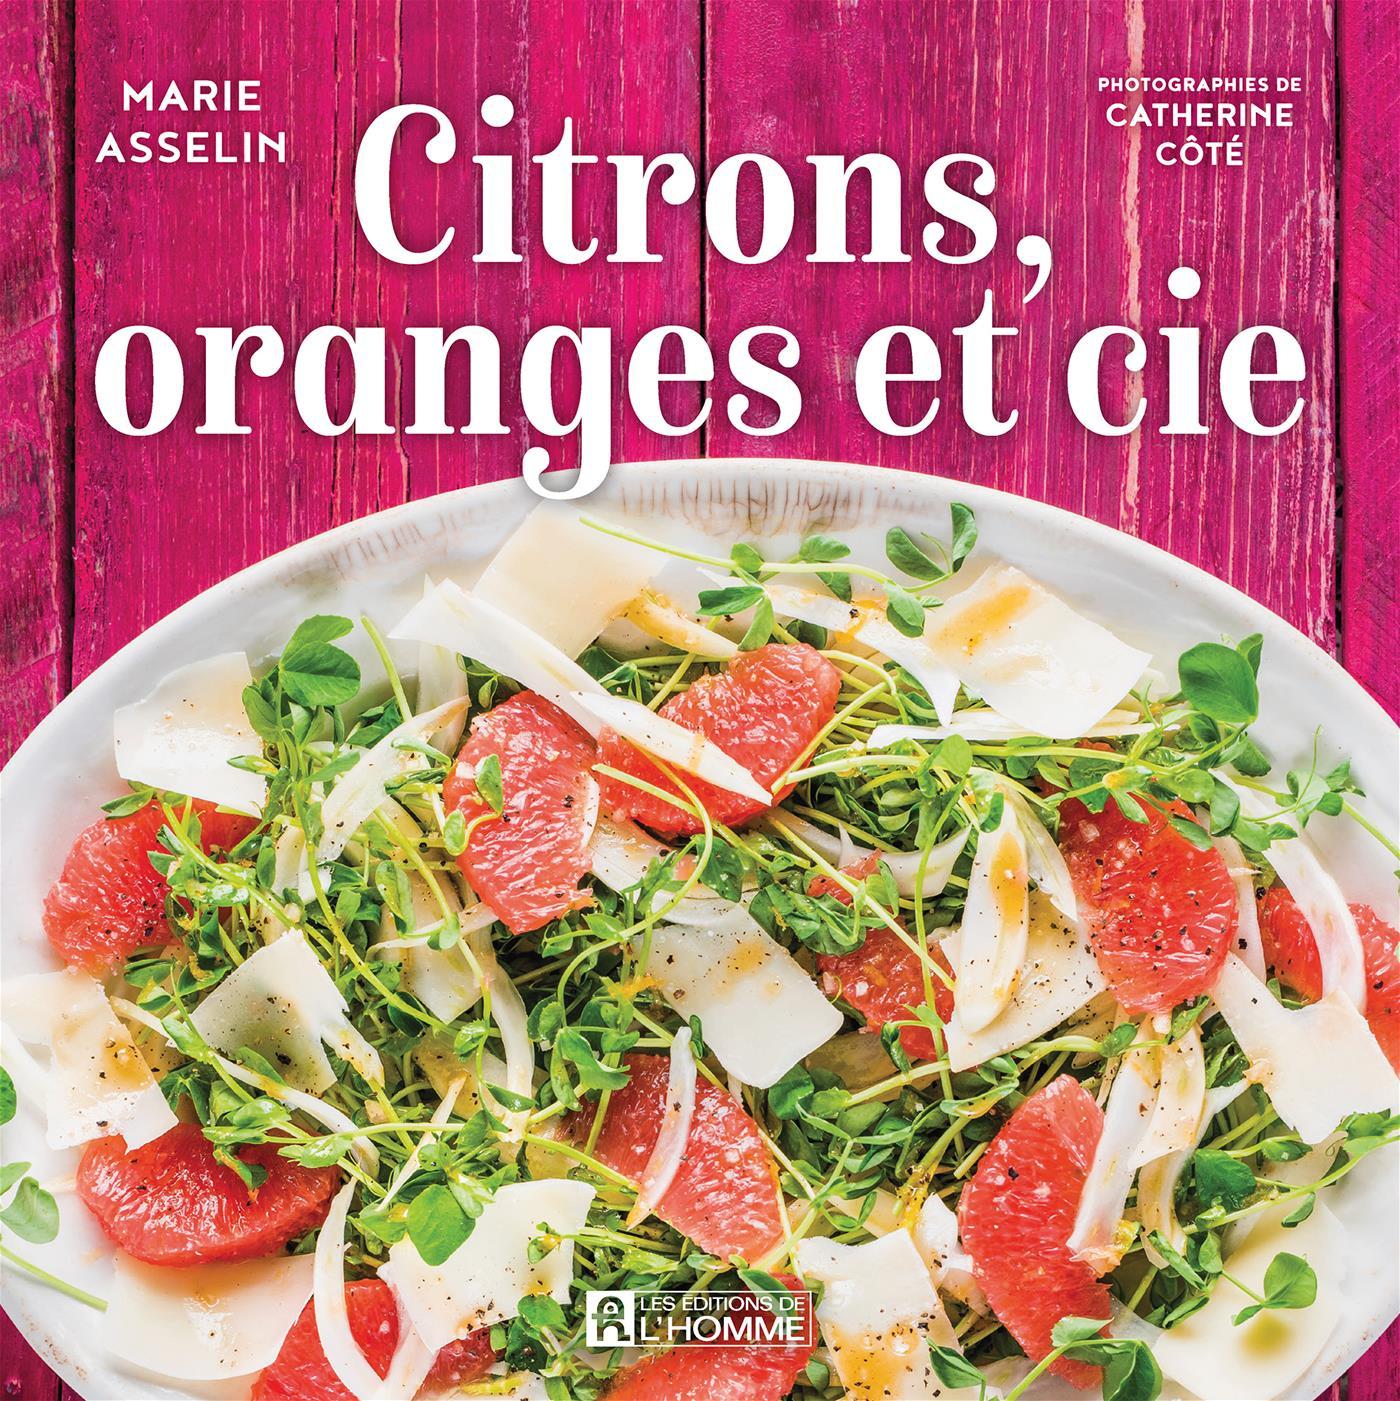 Citrons, oranges et cie